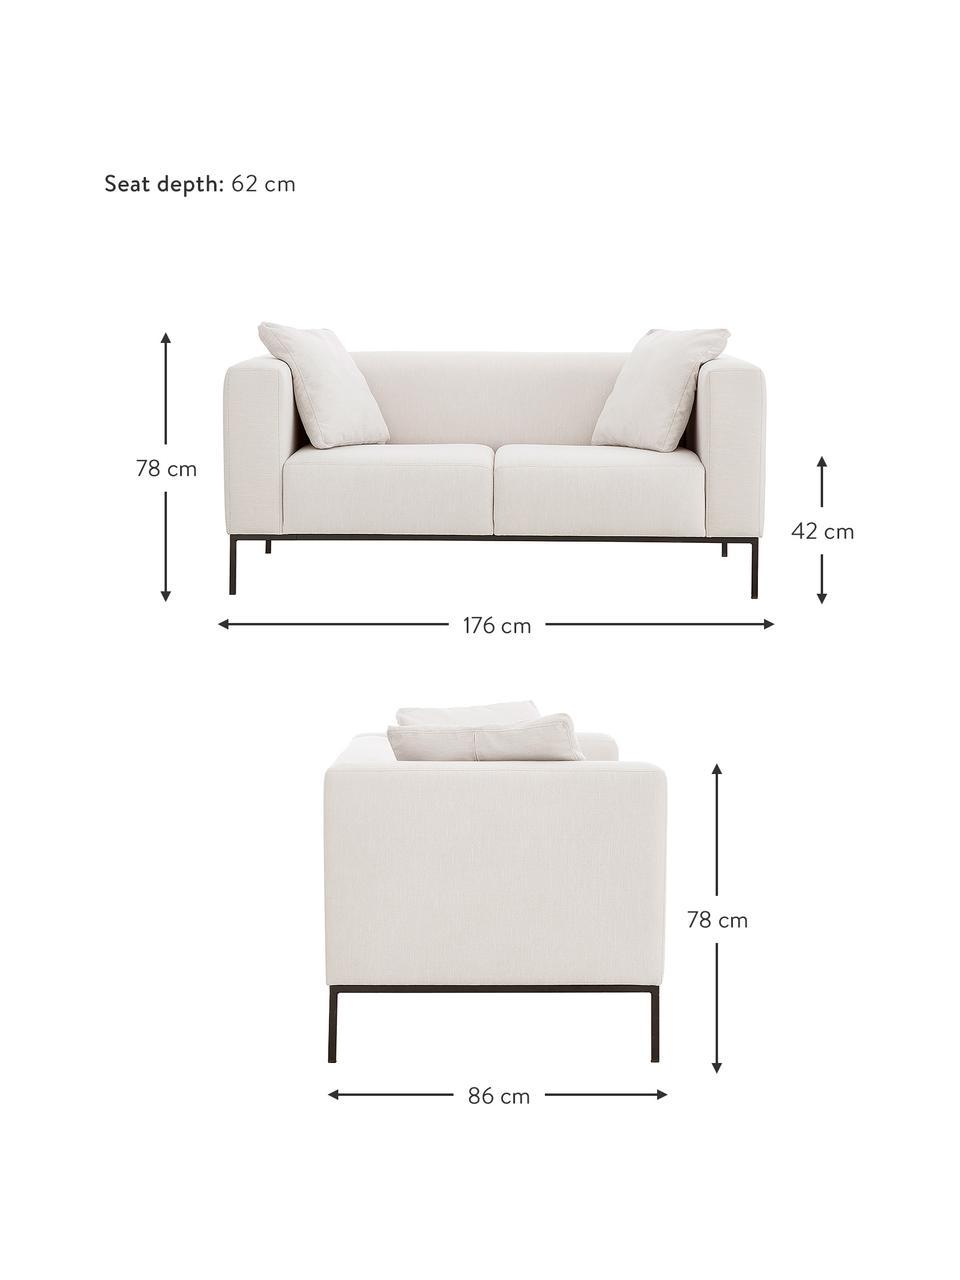 Sofa Carrie (2-Sitzer) in Hellgrau mit Metall-Füßen, Bezug: Polyester 50.000 Scheuert, Gestell: Spanholz, Hartfaserplatte, Füße: Metall, lackiert, Webstoff Hellgrau, B 176 x T 86 cm